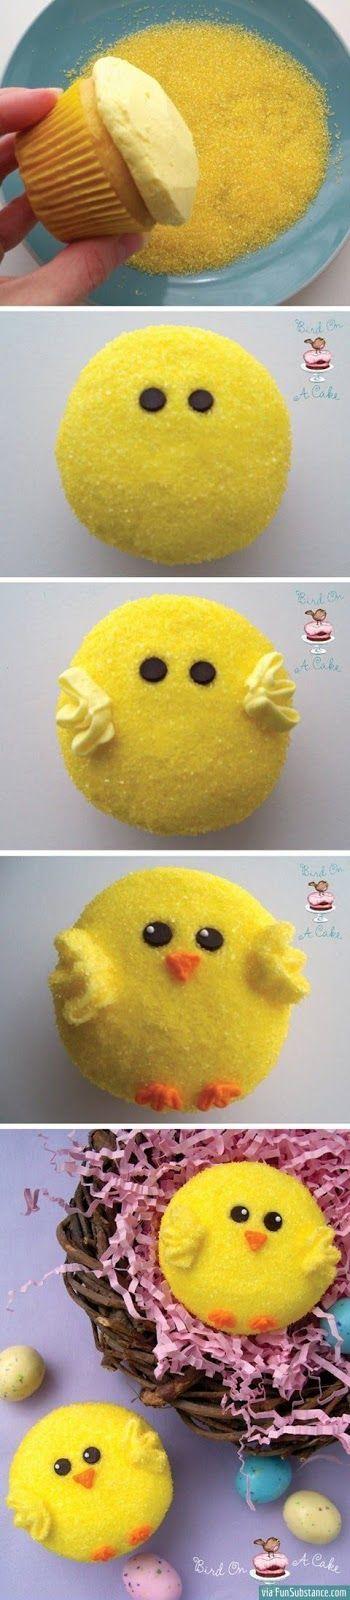 Ricette originali in una foto: dolci per Pasqua - muffin decorati